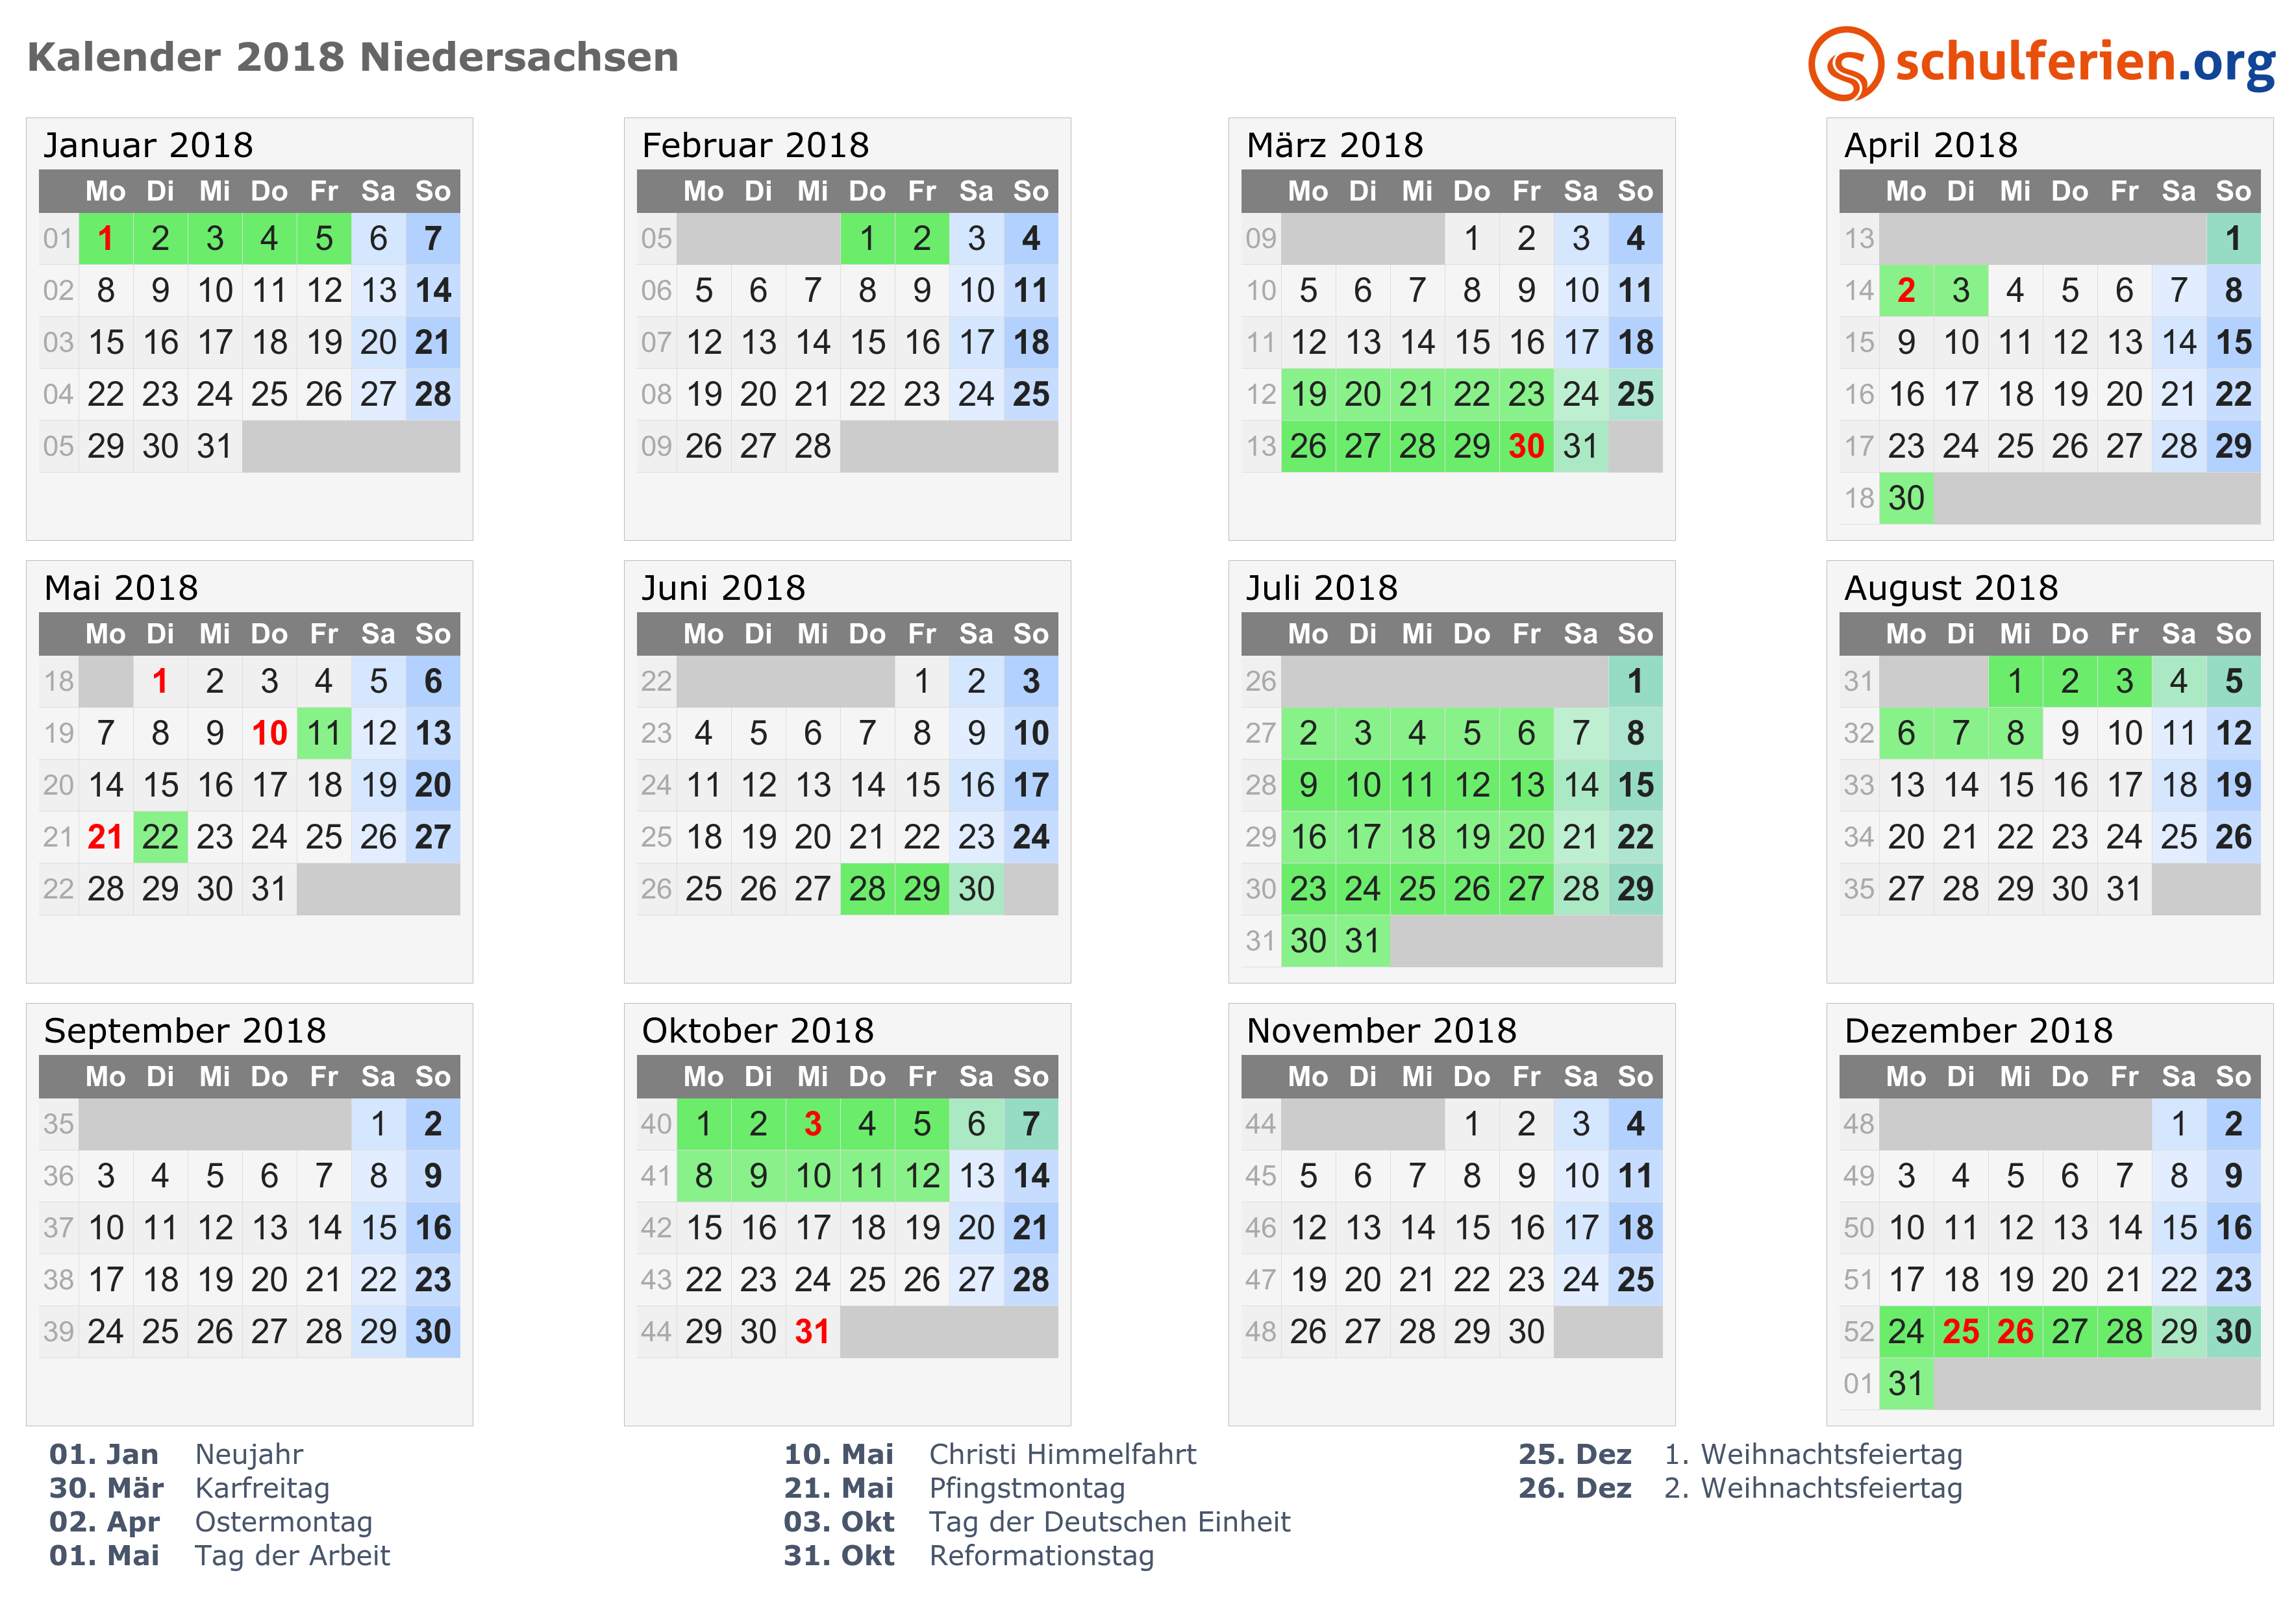 Kalender 2018 2019 2020 Niedersachsen